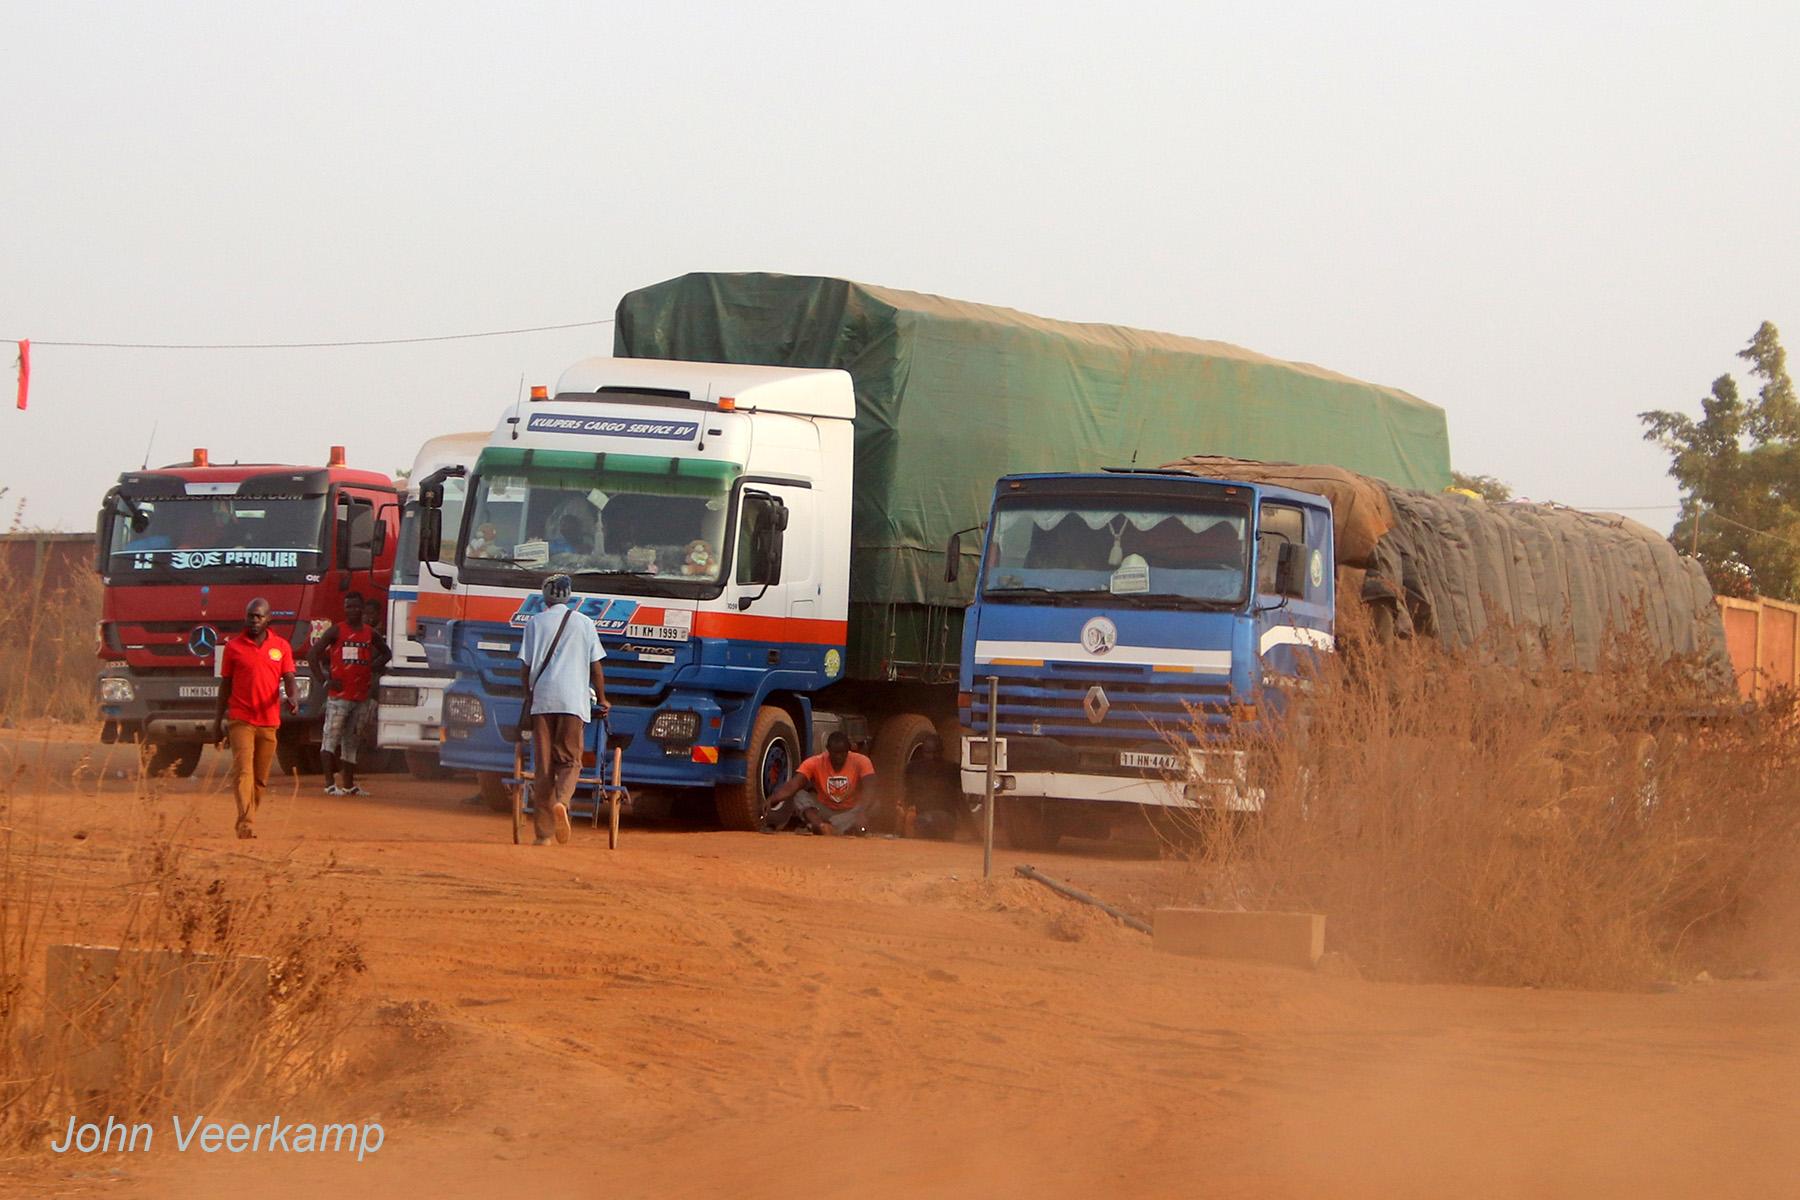 Bij-Ferke-in-Ivoorkust--22-februari-2020--De-wagen-heeft-een-kenteken-uit-Burkina-Faso-